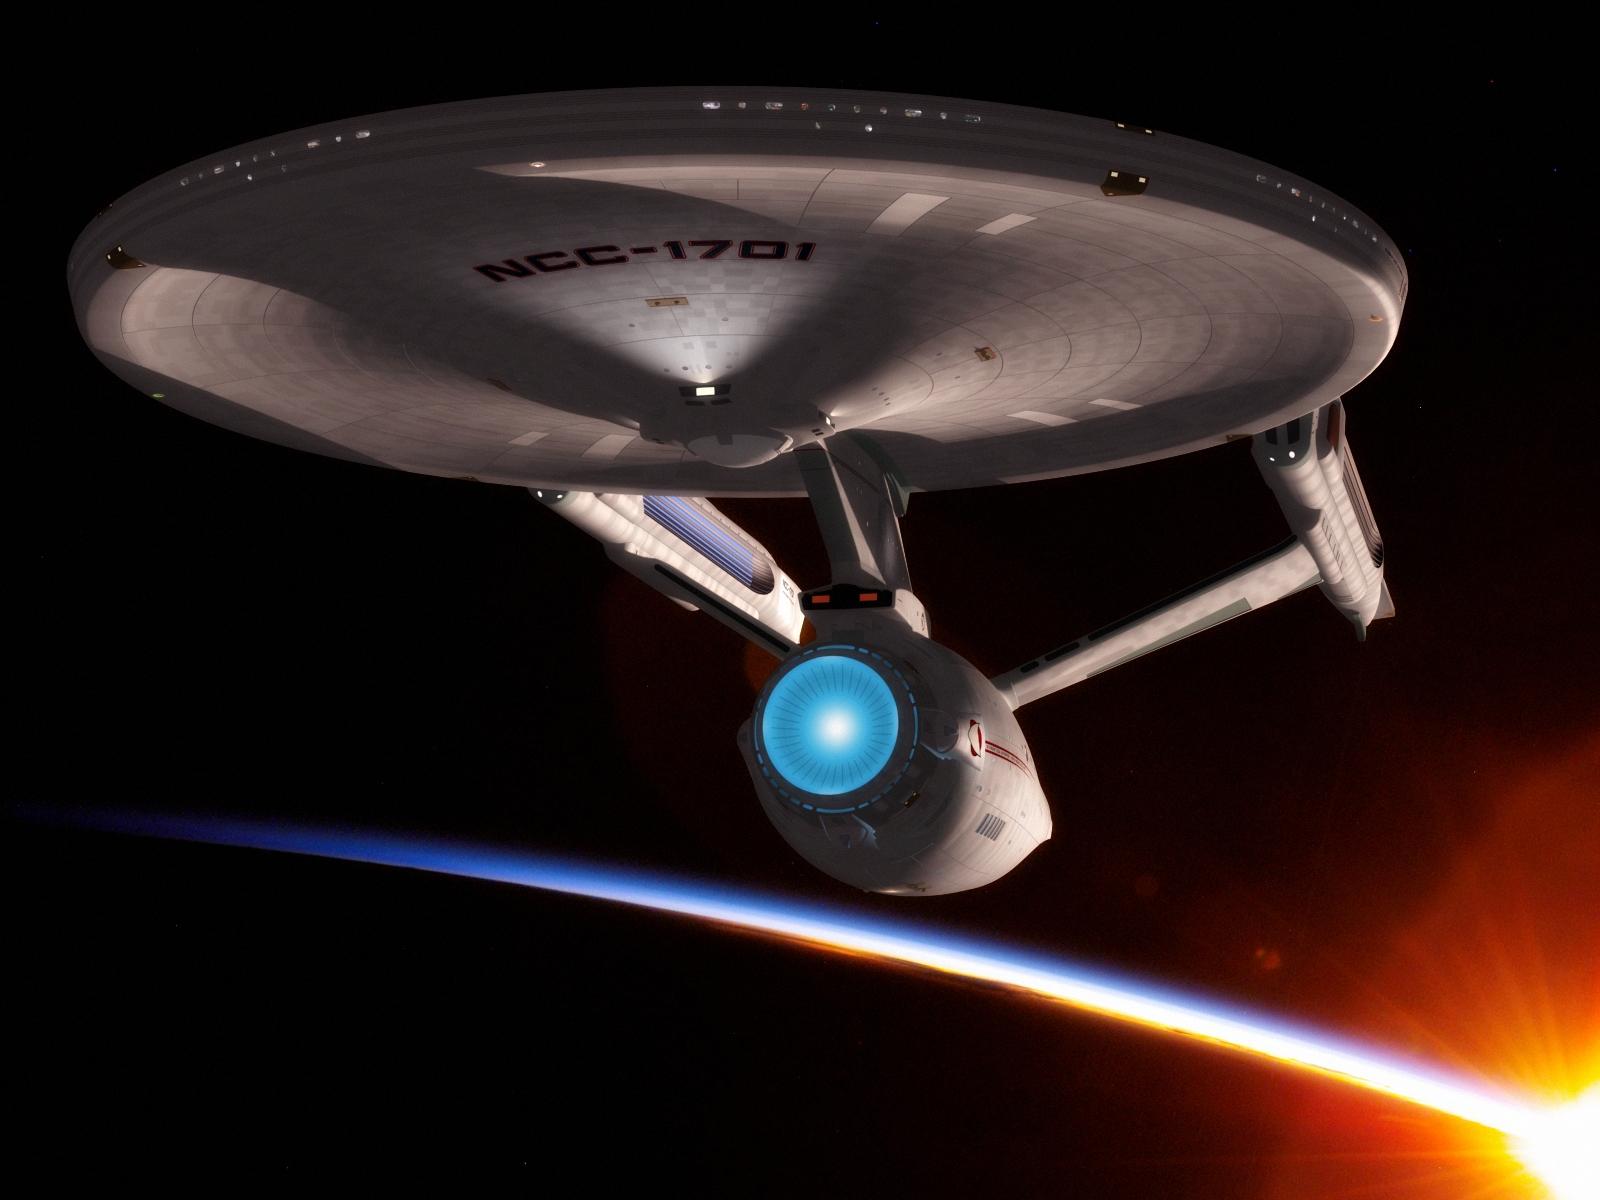 Al3D's Enterprise by davemetlesits